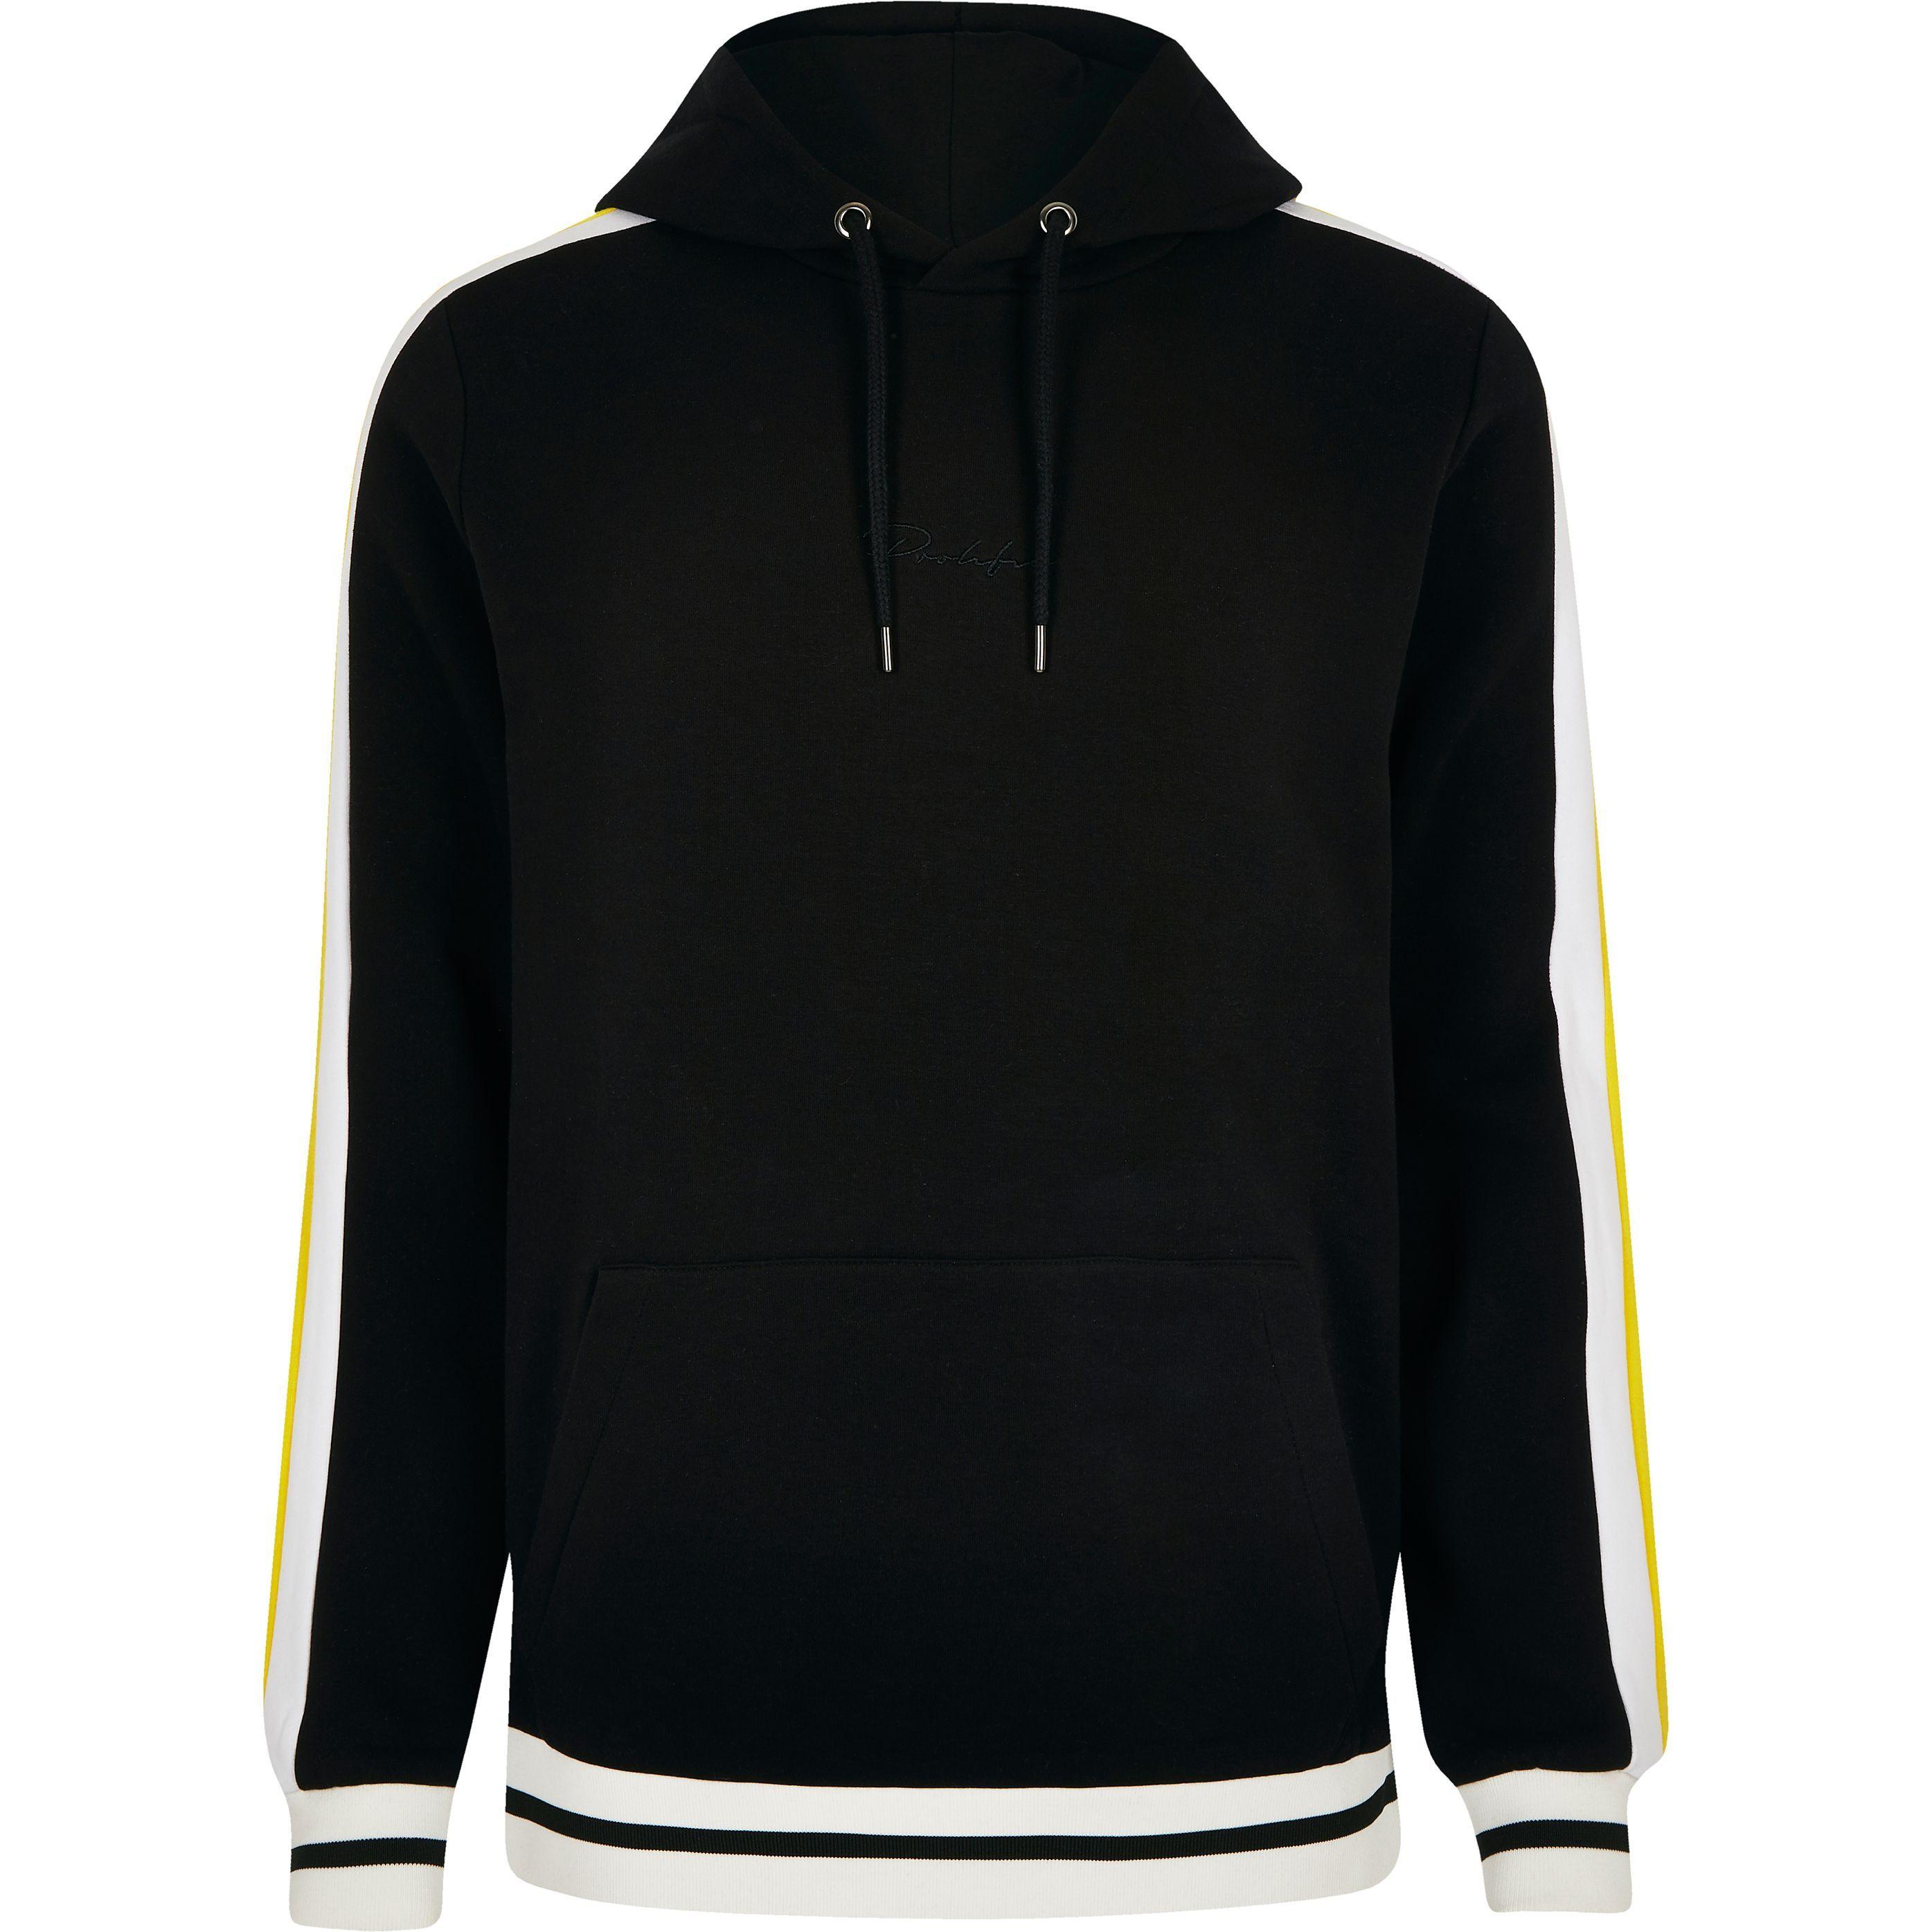 877acfb4d Mens Black 'Prolific' slim fit hoodie in 2019 | Products | Slim fit ...